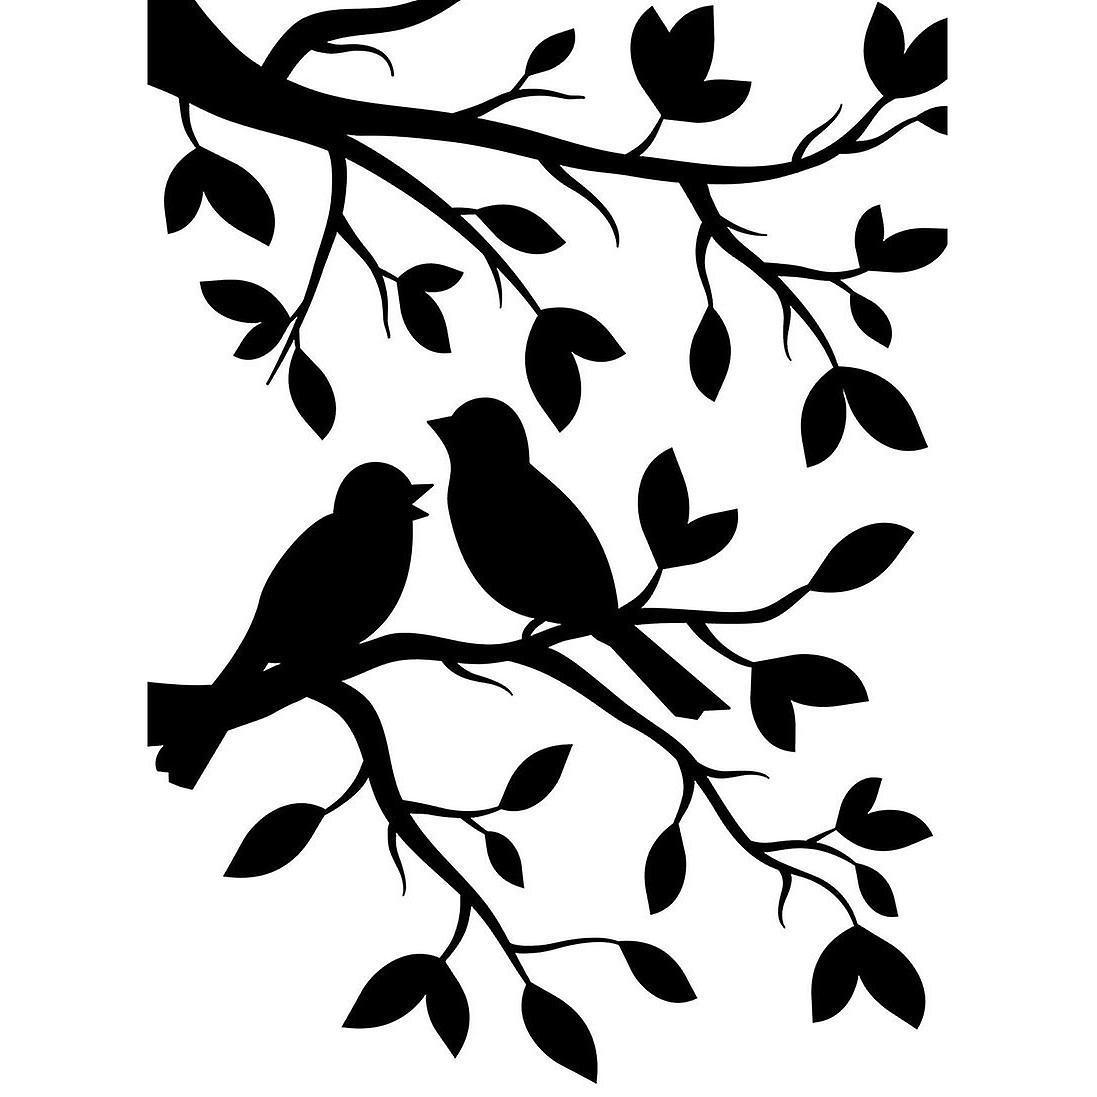 птички на ветке картинки для вырезания ещё